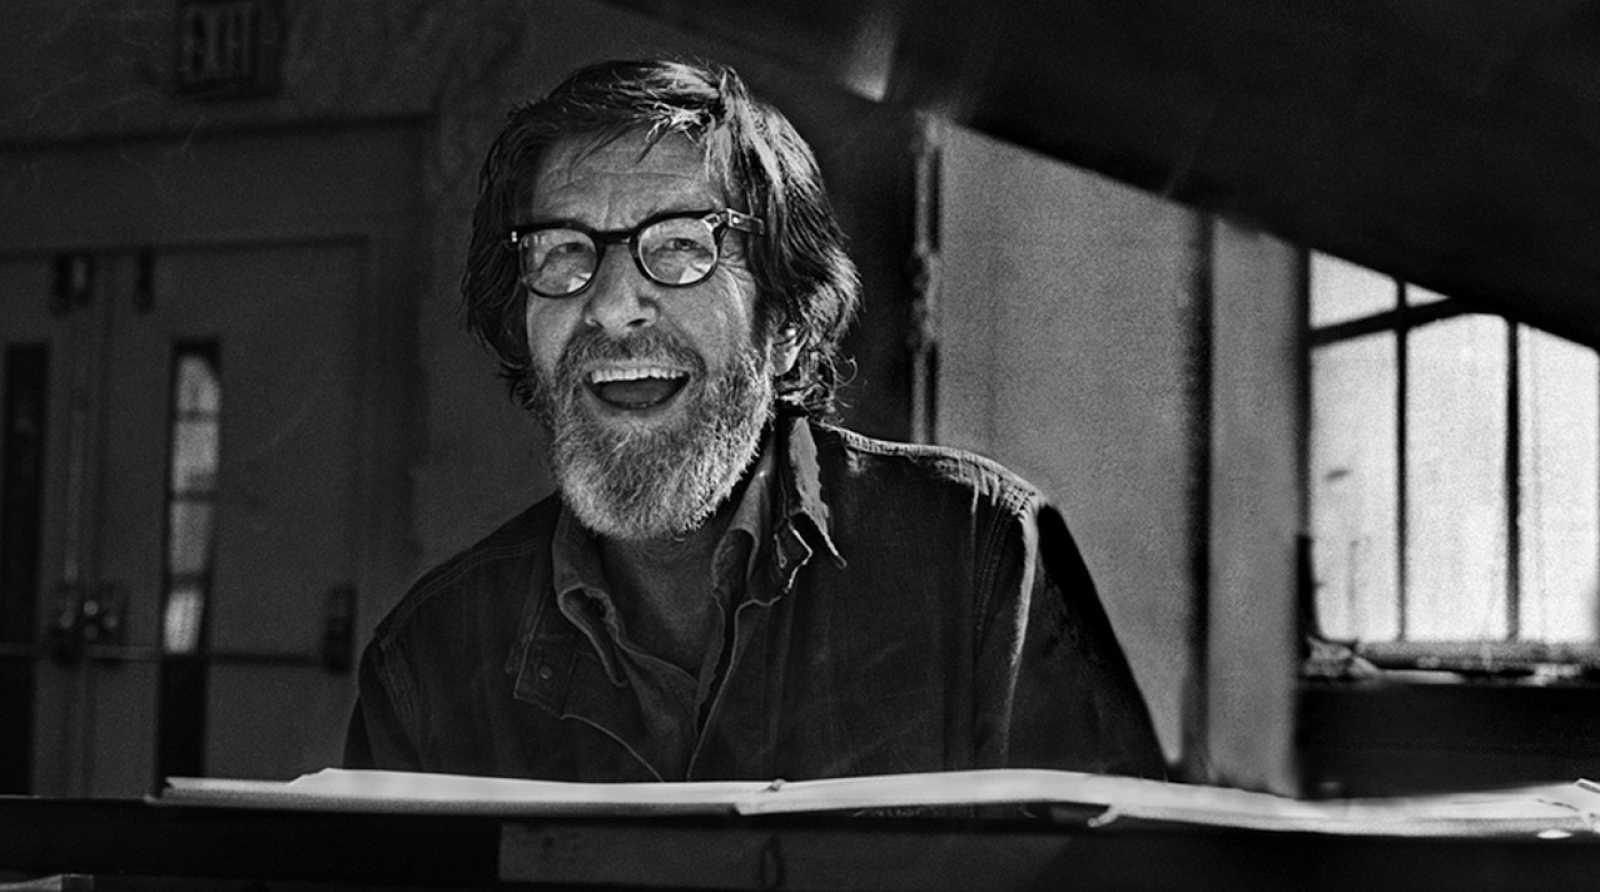 De Mississippi a Nueva York - John Cage: Sonatas e Interludios para piano preparado - 18/04/18 - escuchar ahora